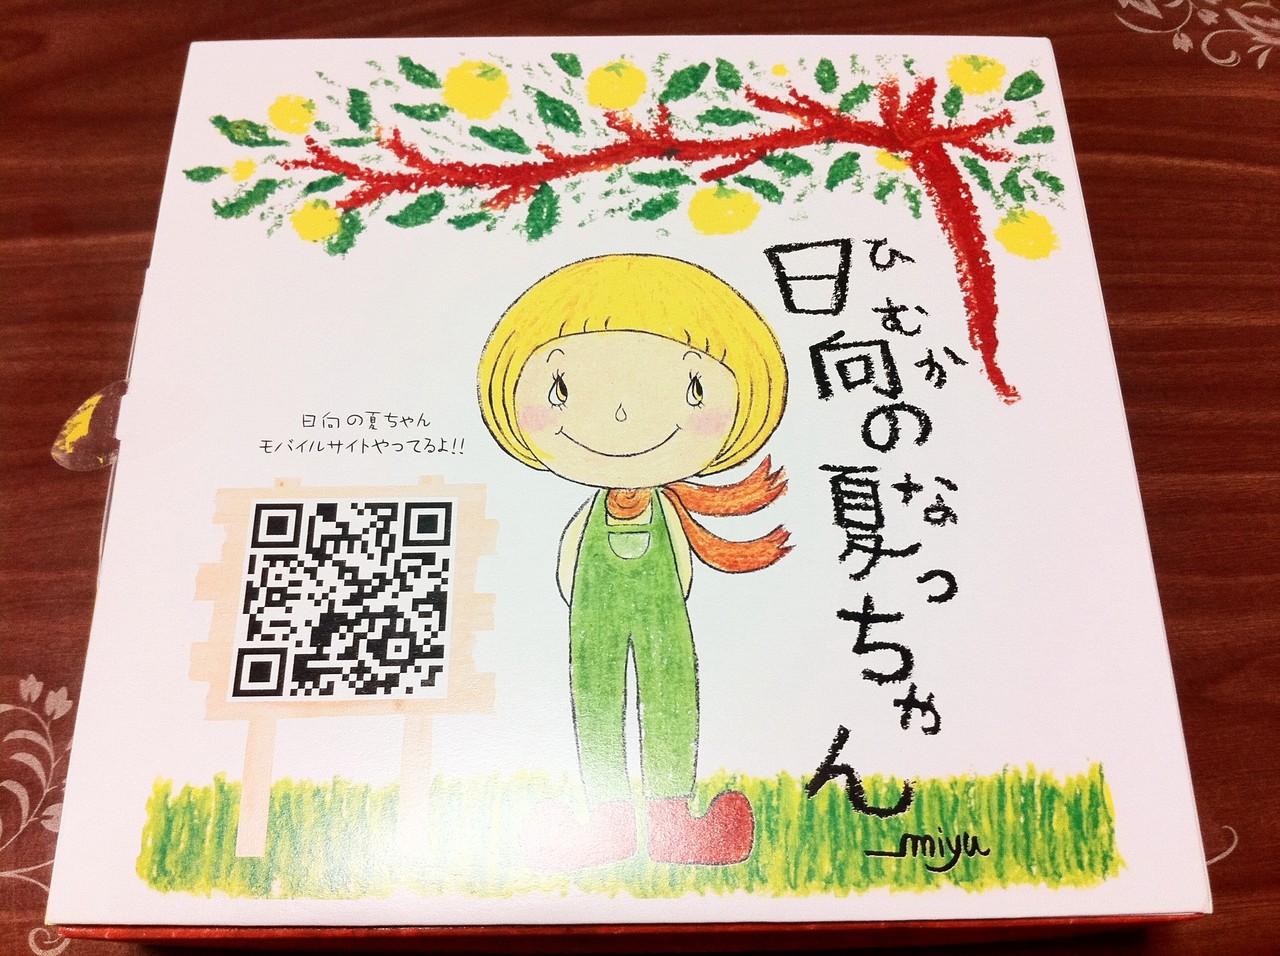 延岡新銘菓 ロリエ二見 日向の夏っちゃん Torimind Life